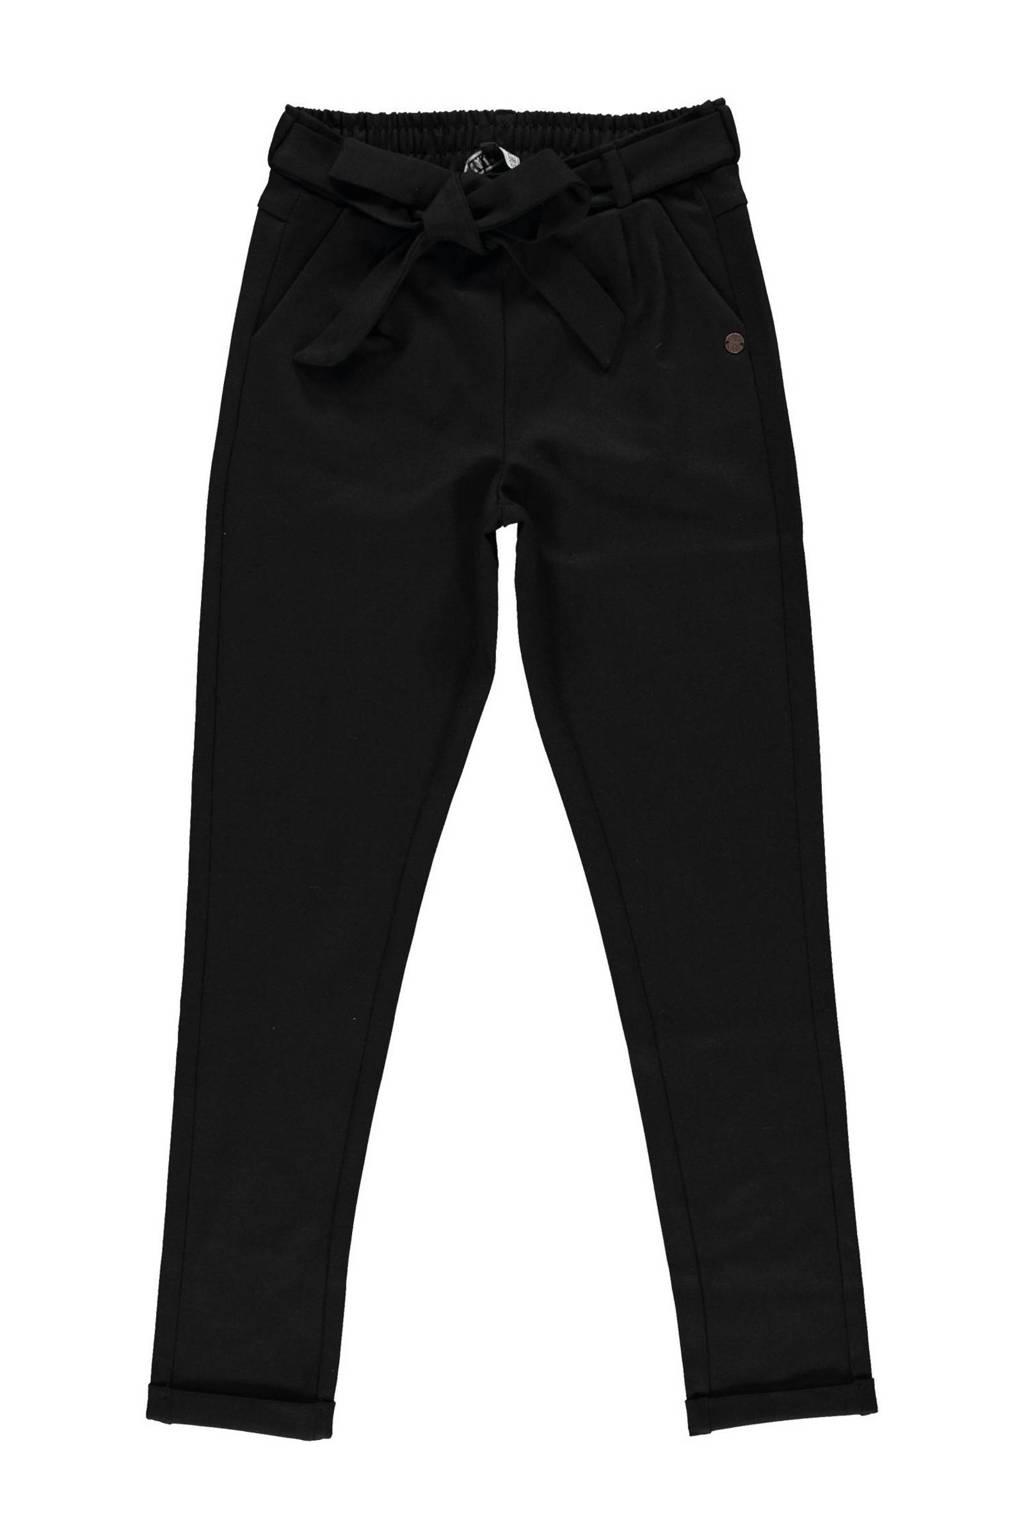 Cars regular fit broek Jesiah zwart, Zwart